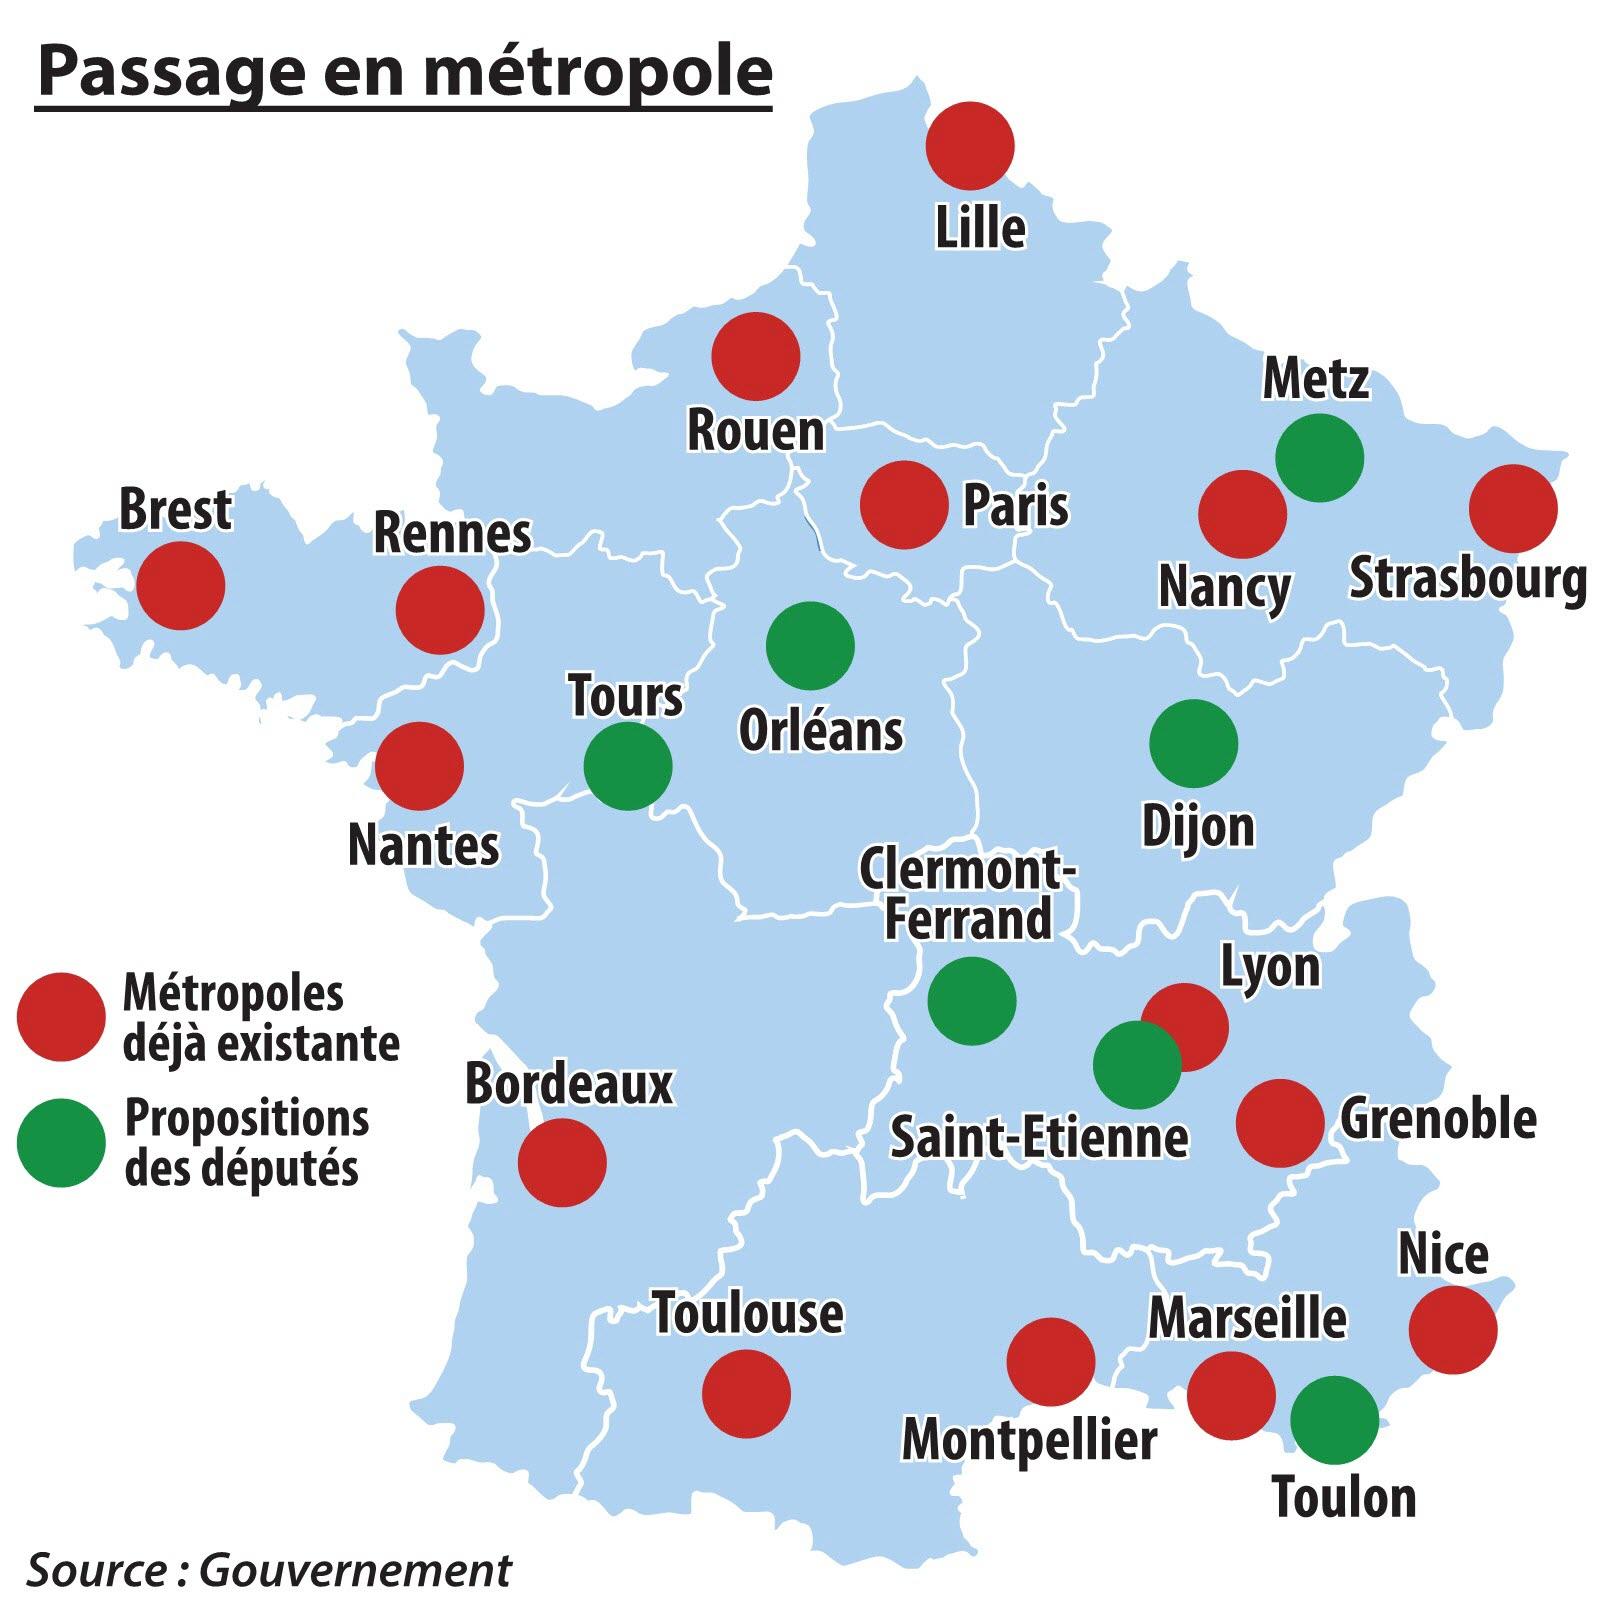 Politique | Metz Sur La Carte De France Des Grandes Villes pour Carte France Principales Villes